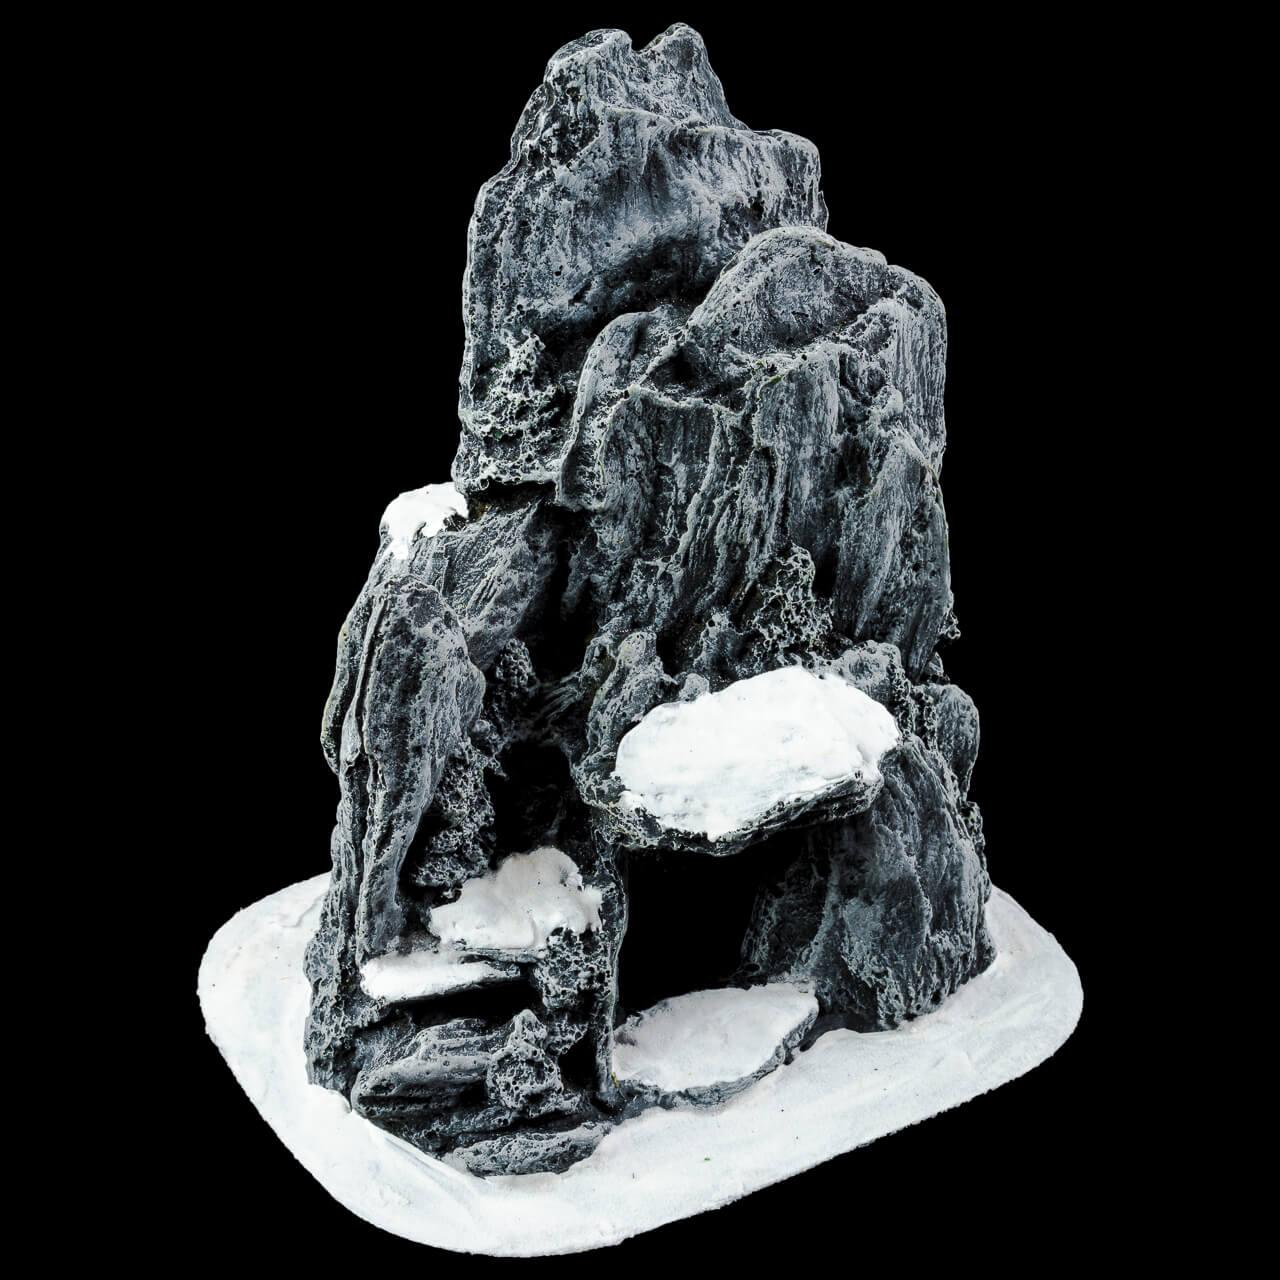 1. Produktabbildung - Kleine Höhle mit Schnee